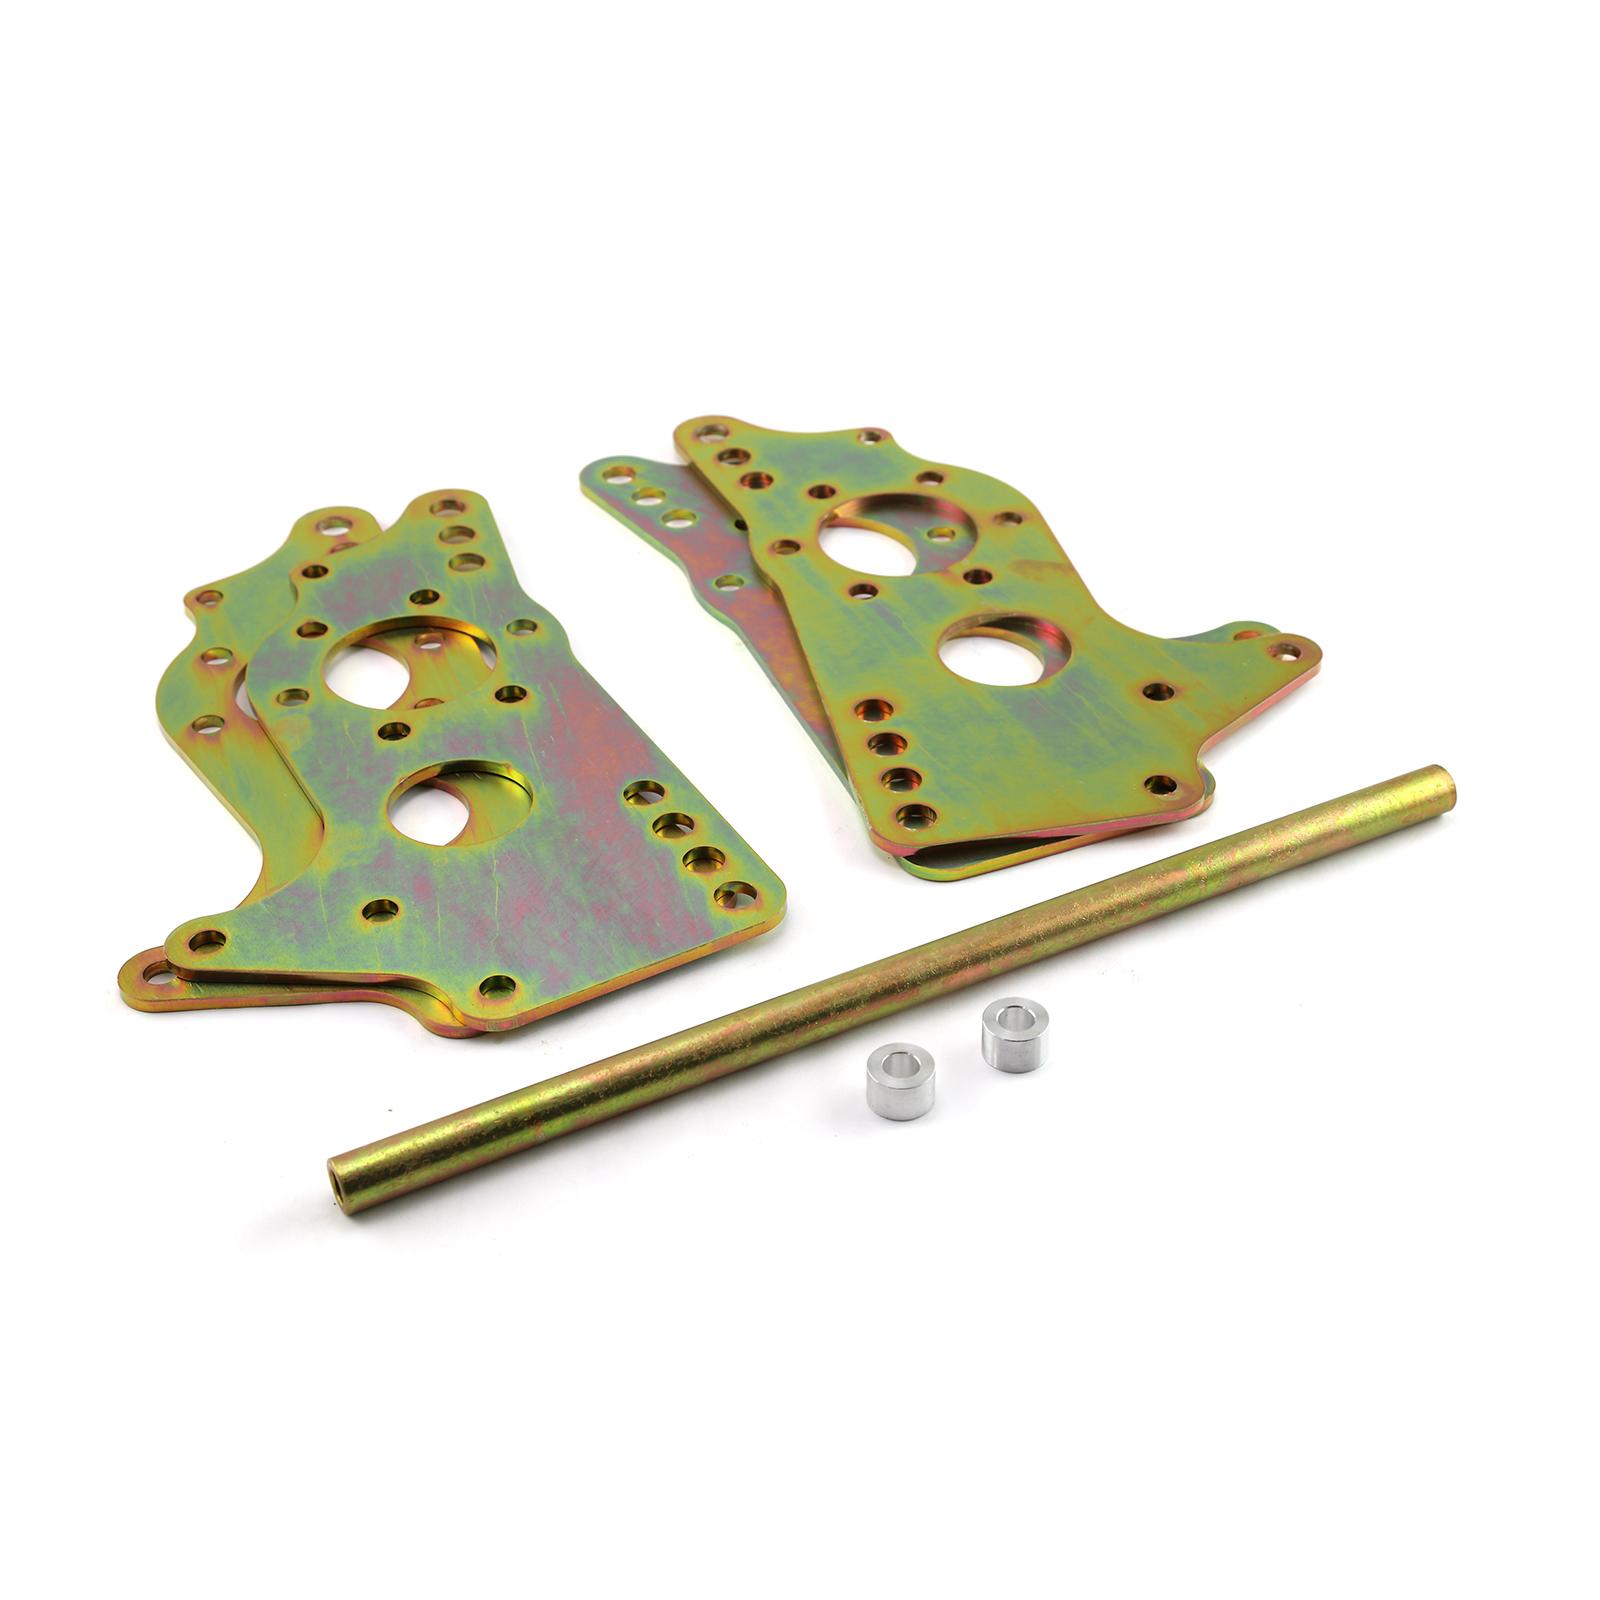 4 Link Bracket Kit for Speedmaster Rear End